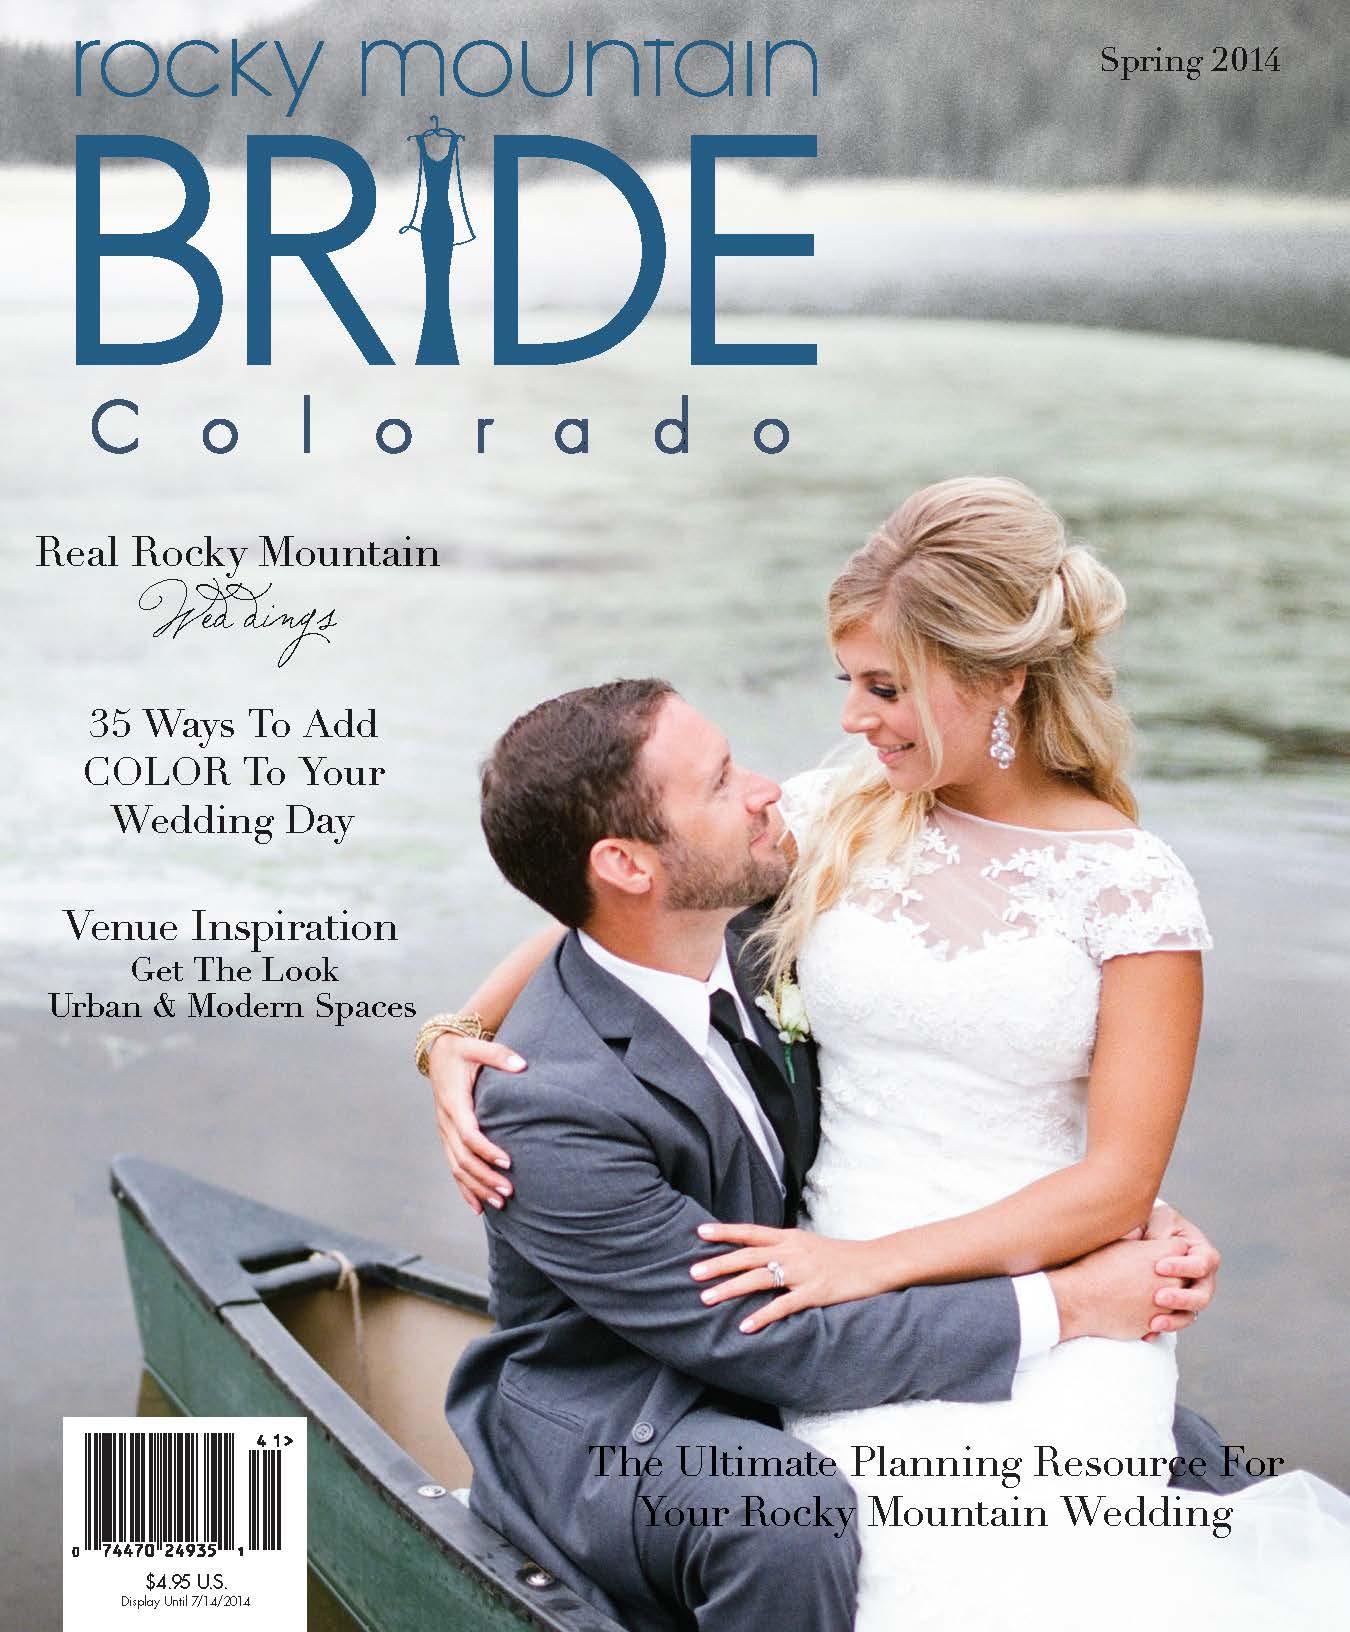 RMB Colorado Magazine - Spring 2014_Page_001.jpg